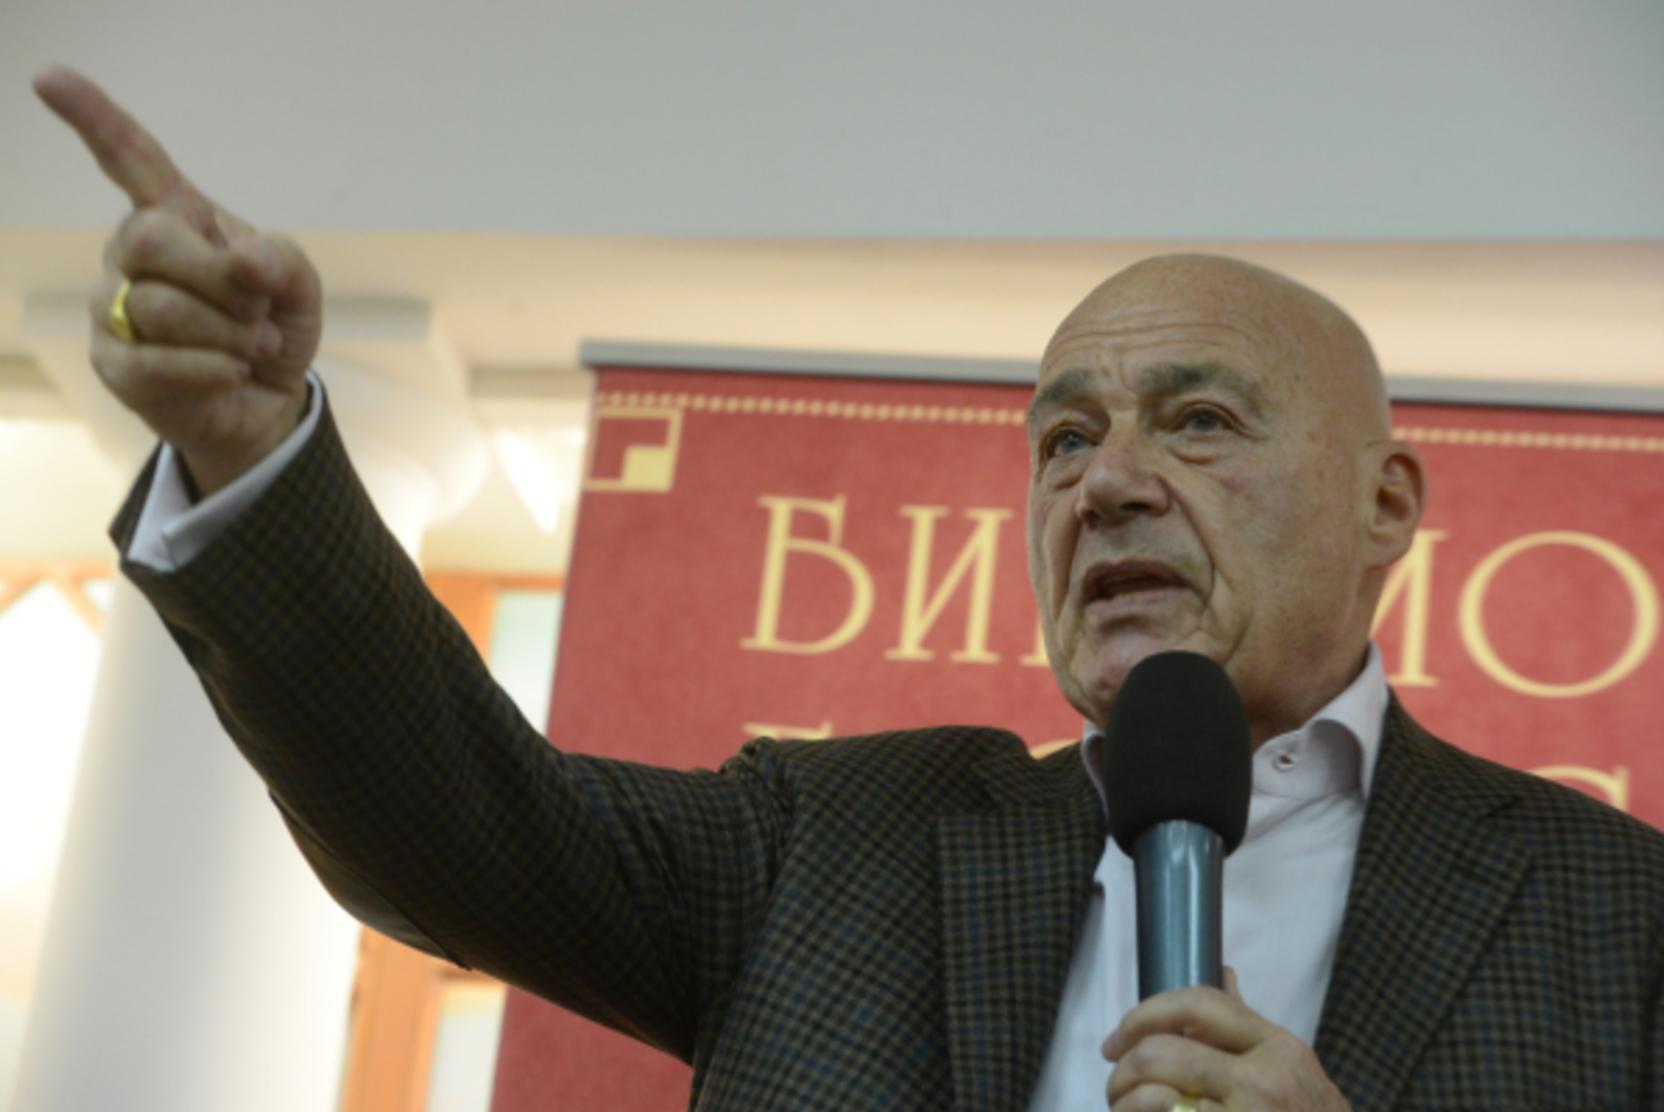 В Грузии между полицией и протестующими начались стычки из-за приезда Познера